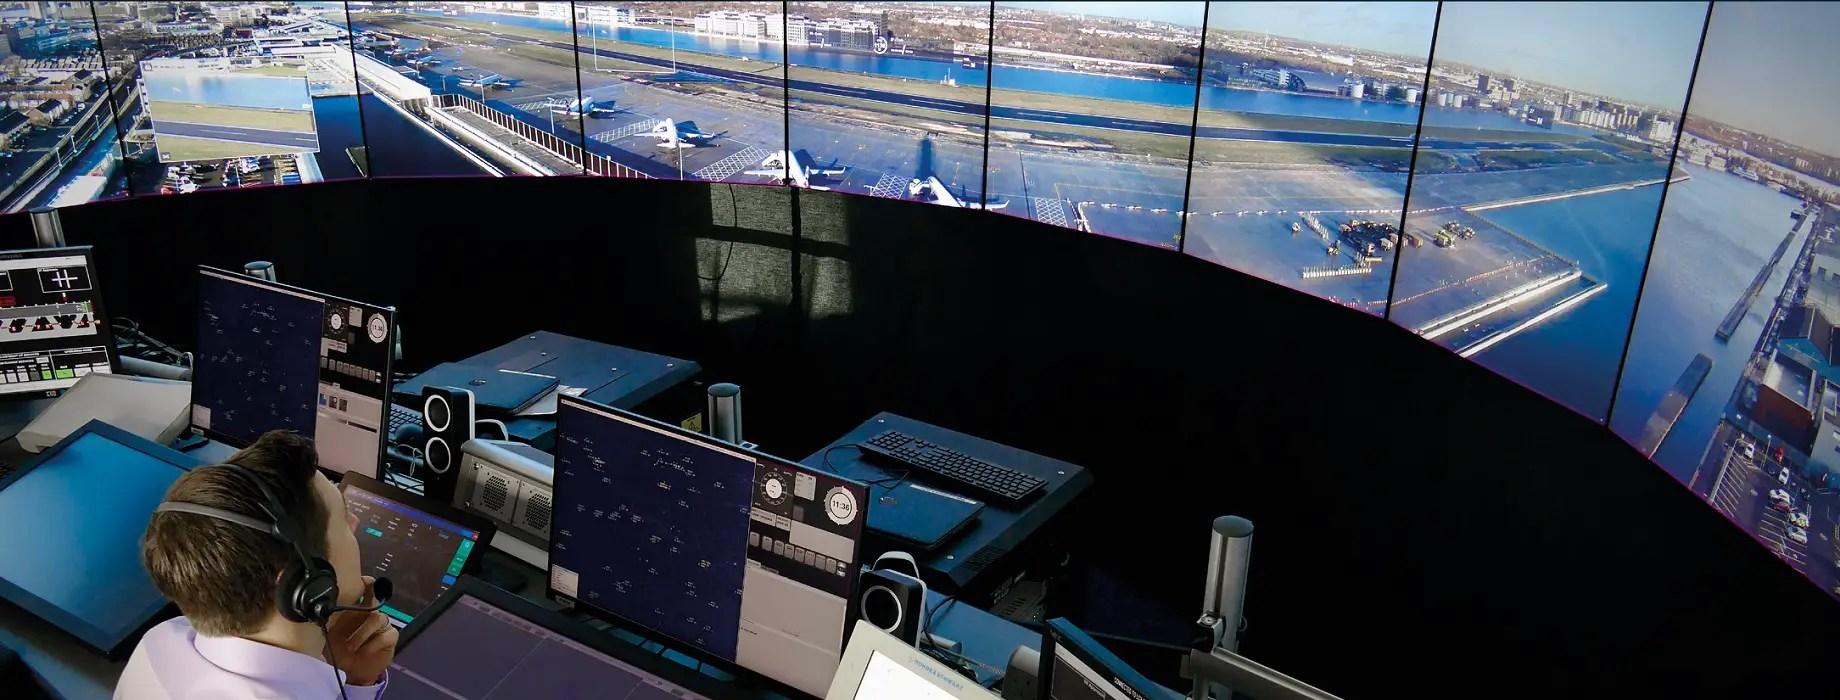 London City Airport es el primer gran aeropuerto del mundo en ser controlado por una torre remota | Aviacionline.com